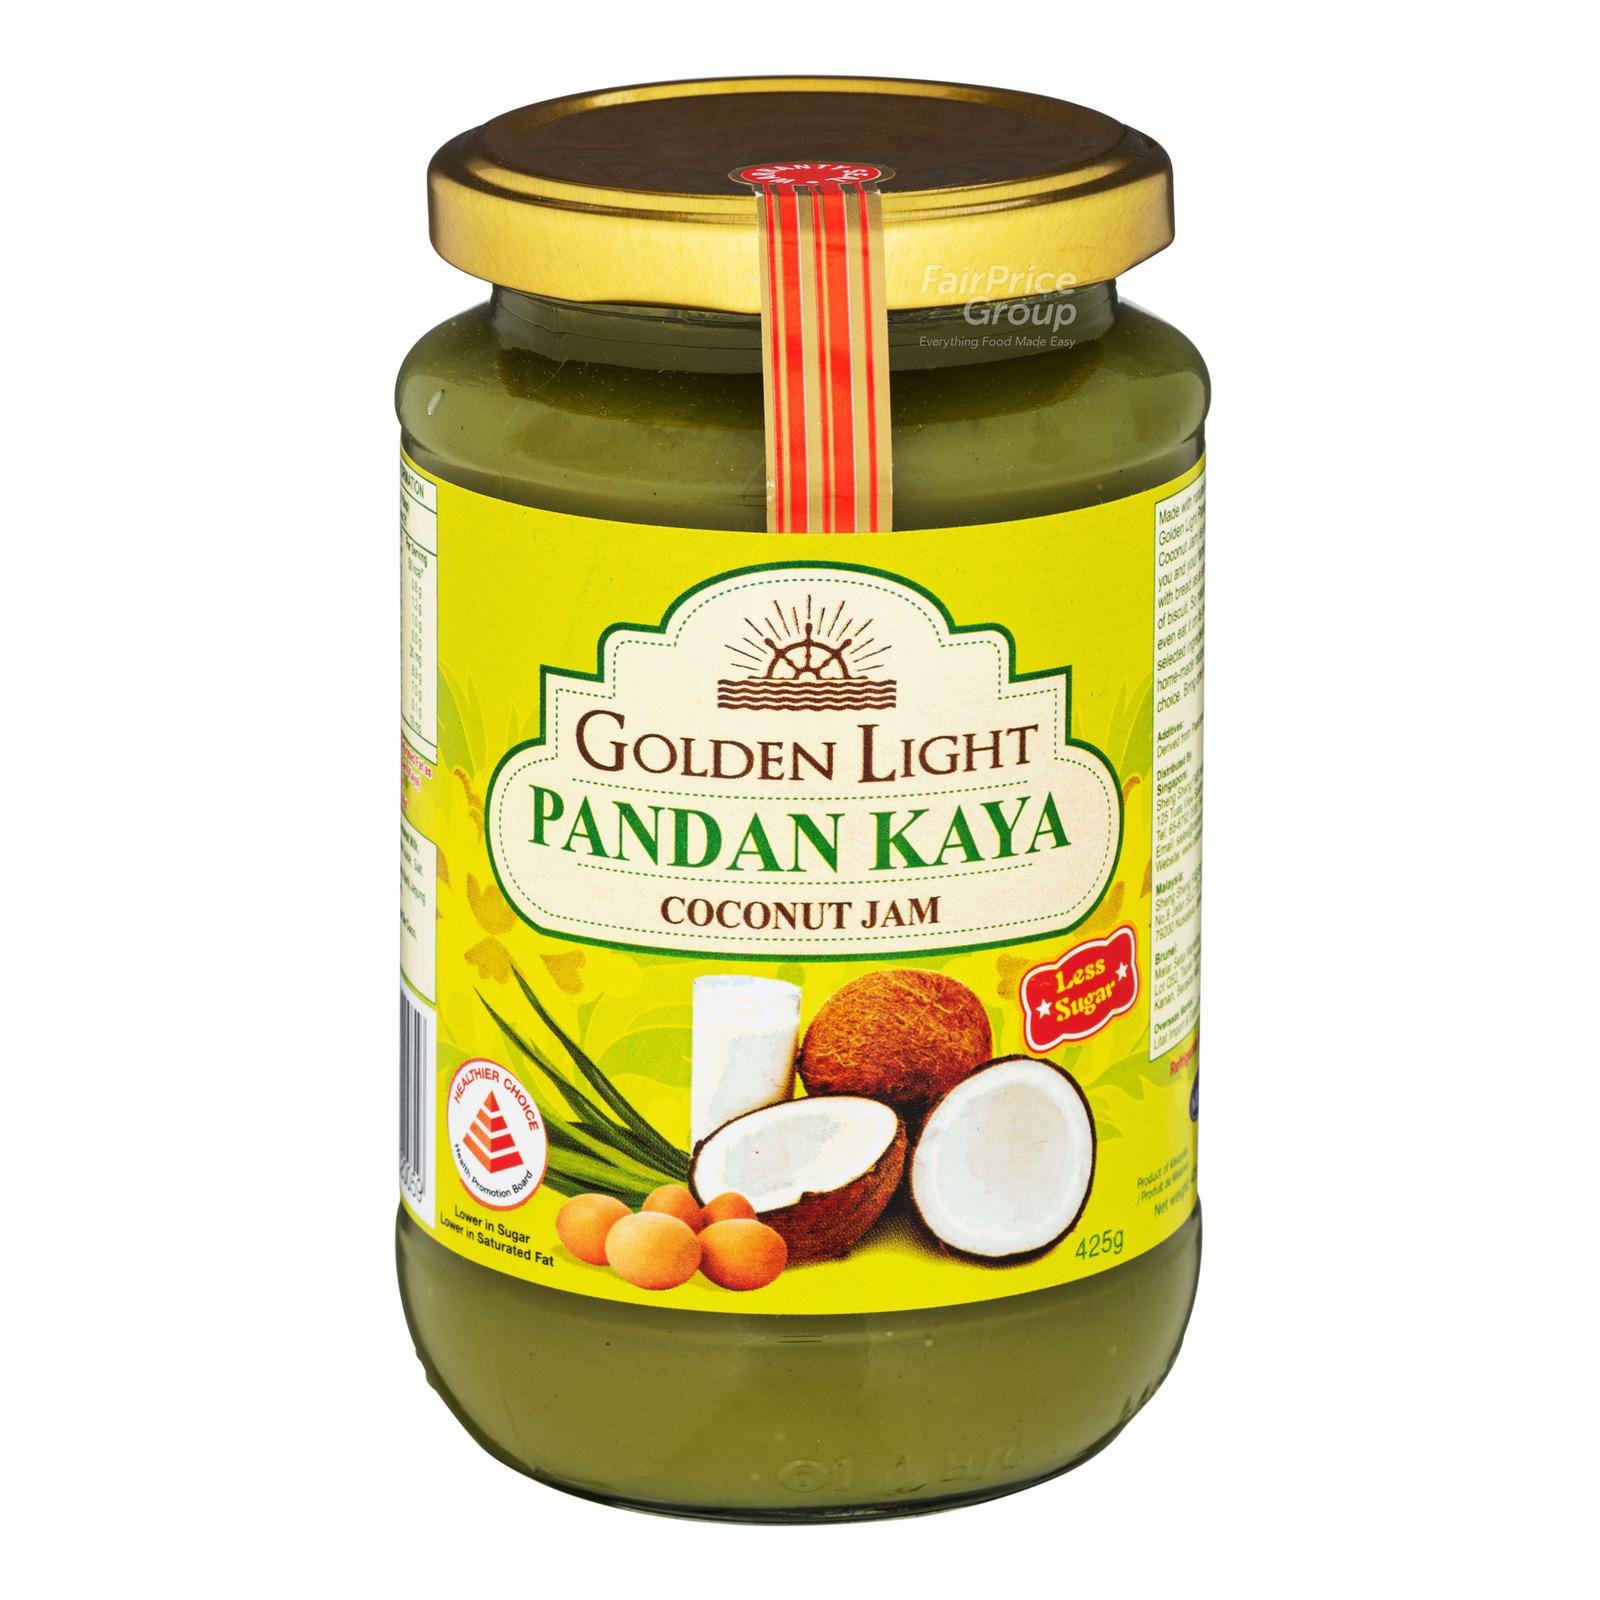 Golden Light Kaya - Pandan